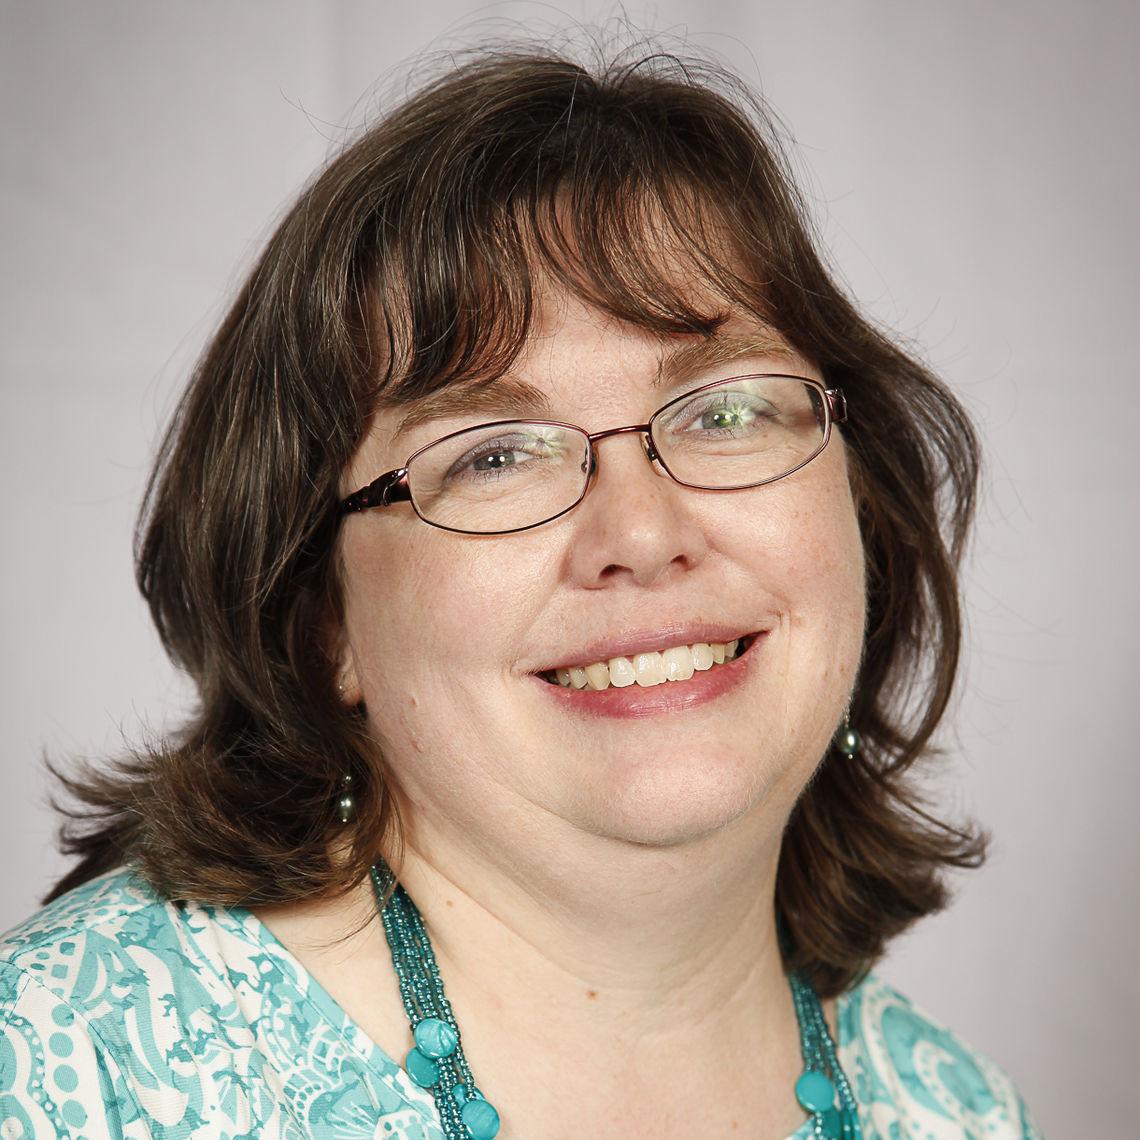 Ann Wagoner